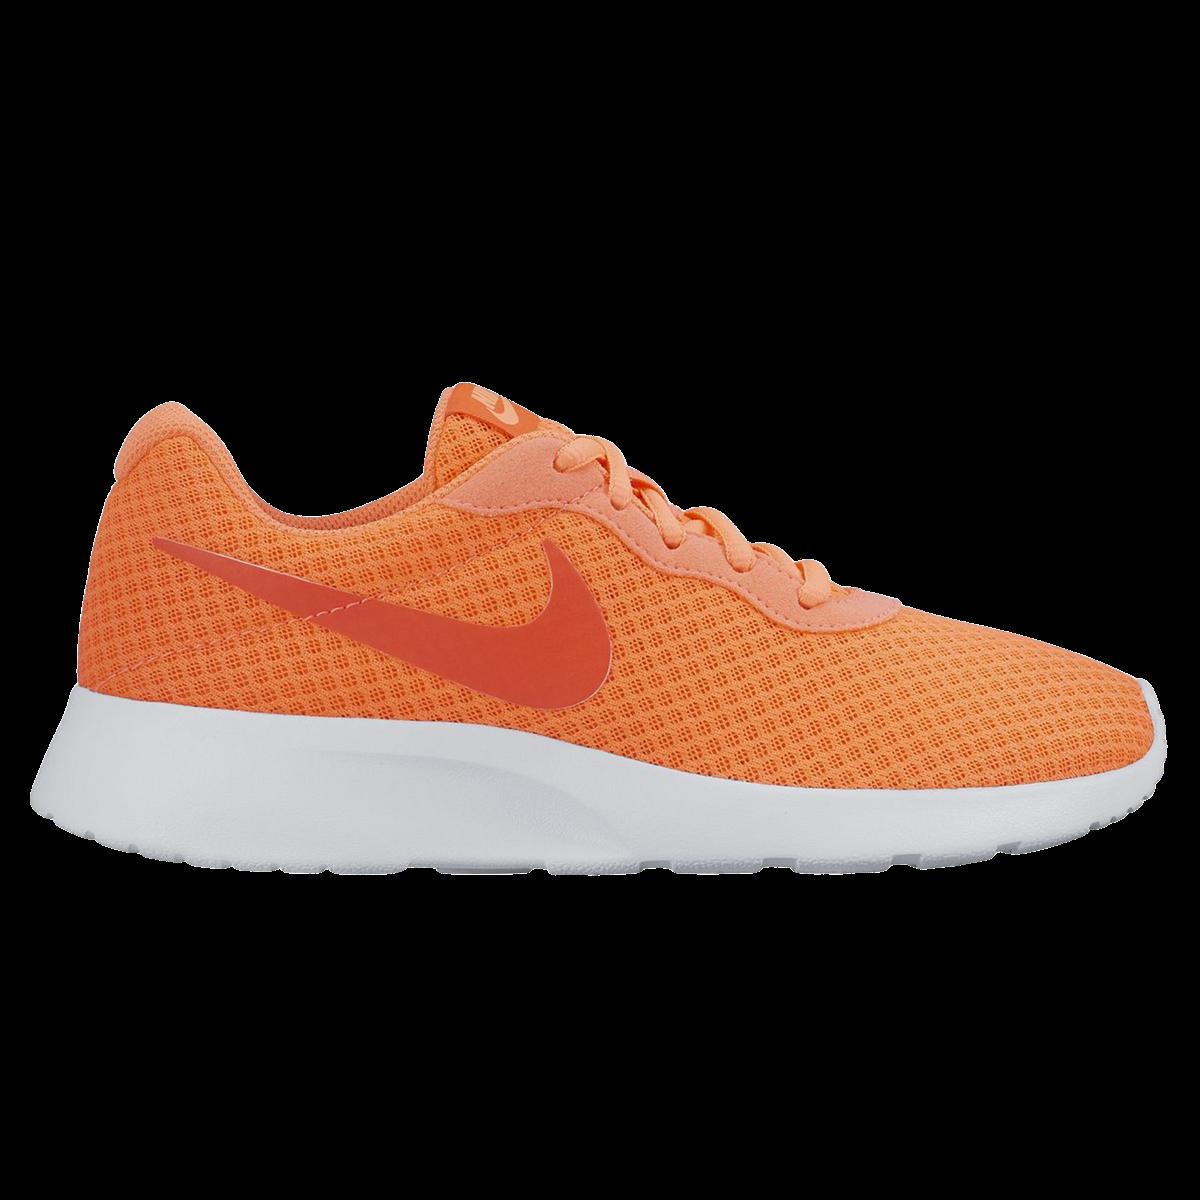 quality design 13b24 9b52c Nike Tanjun W, naisten vapaa-ajan kengät - Oranssi - Naisten vapaa-ajan  kengät   XXL